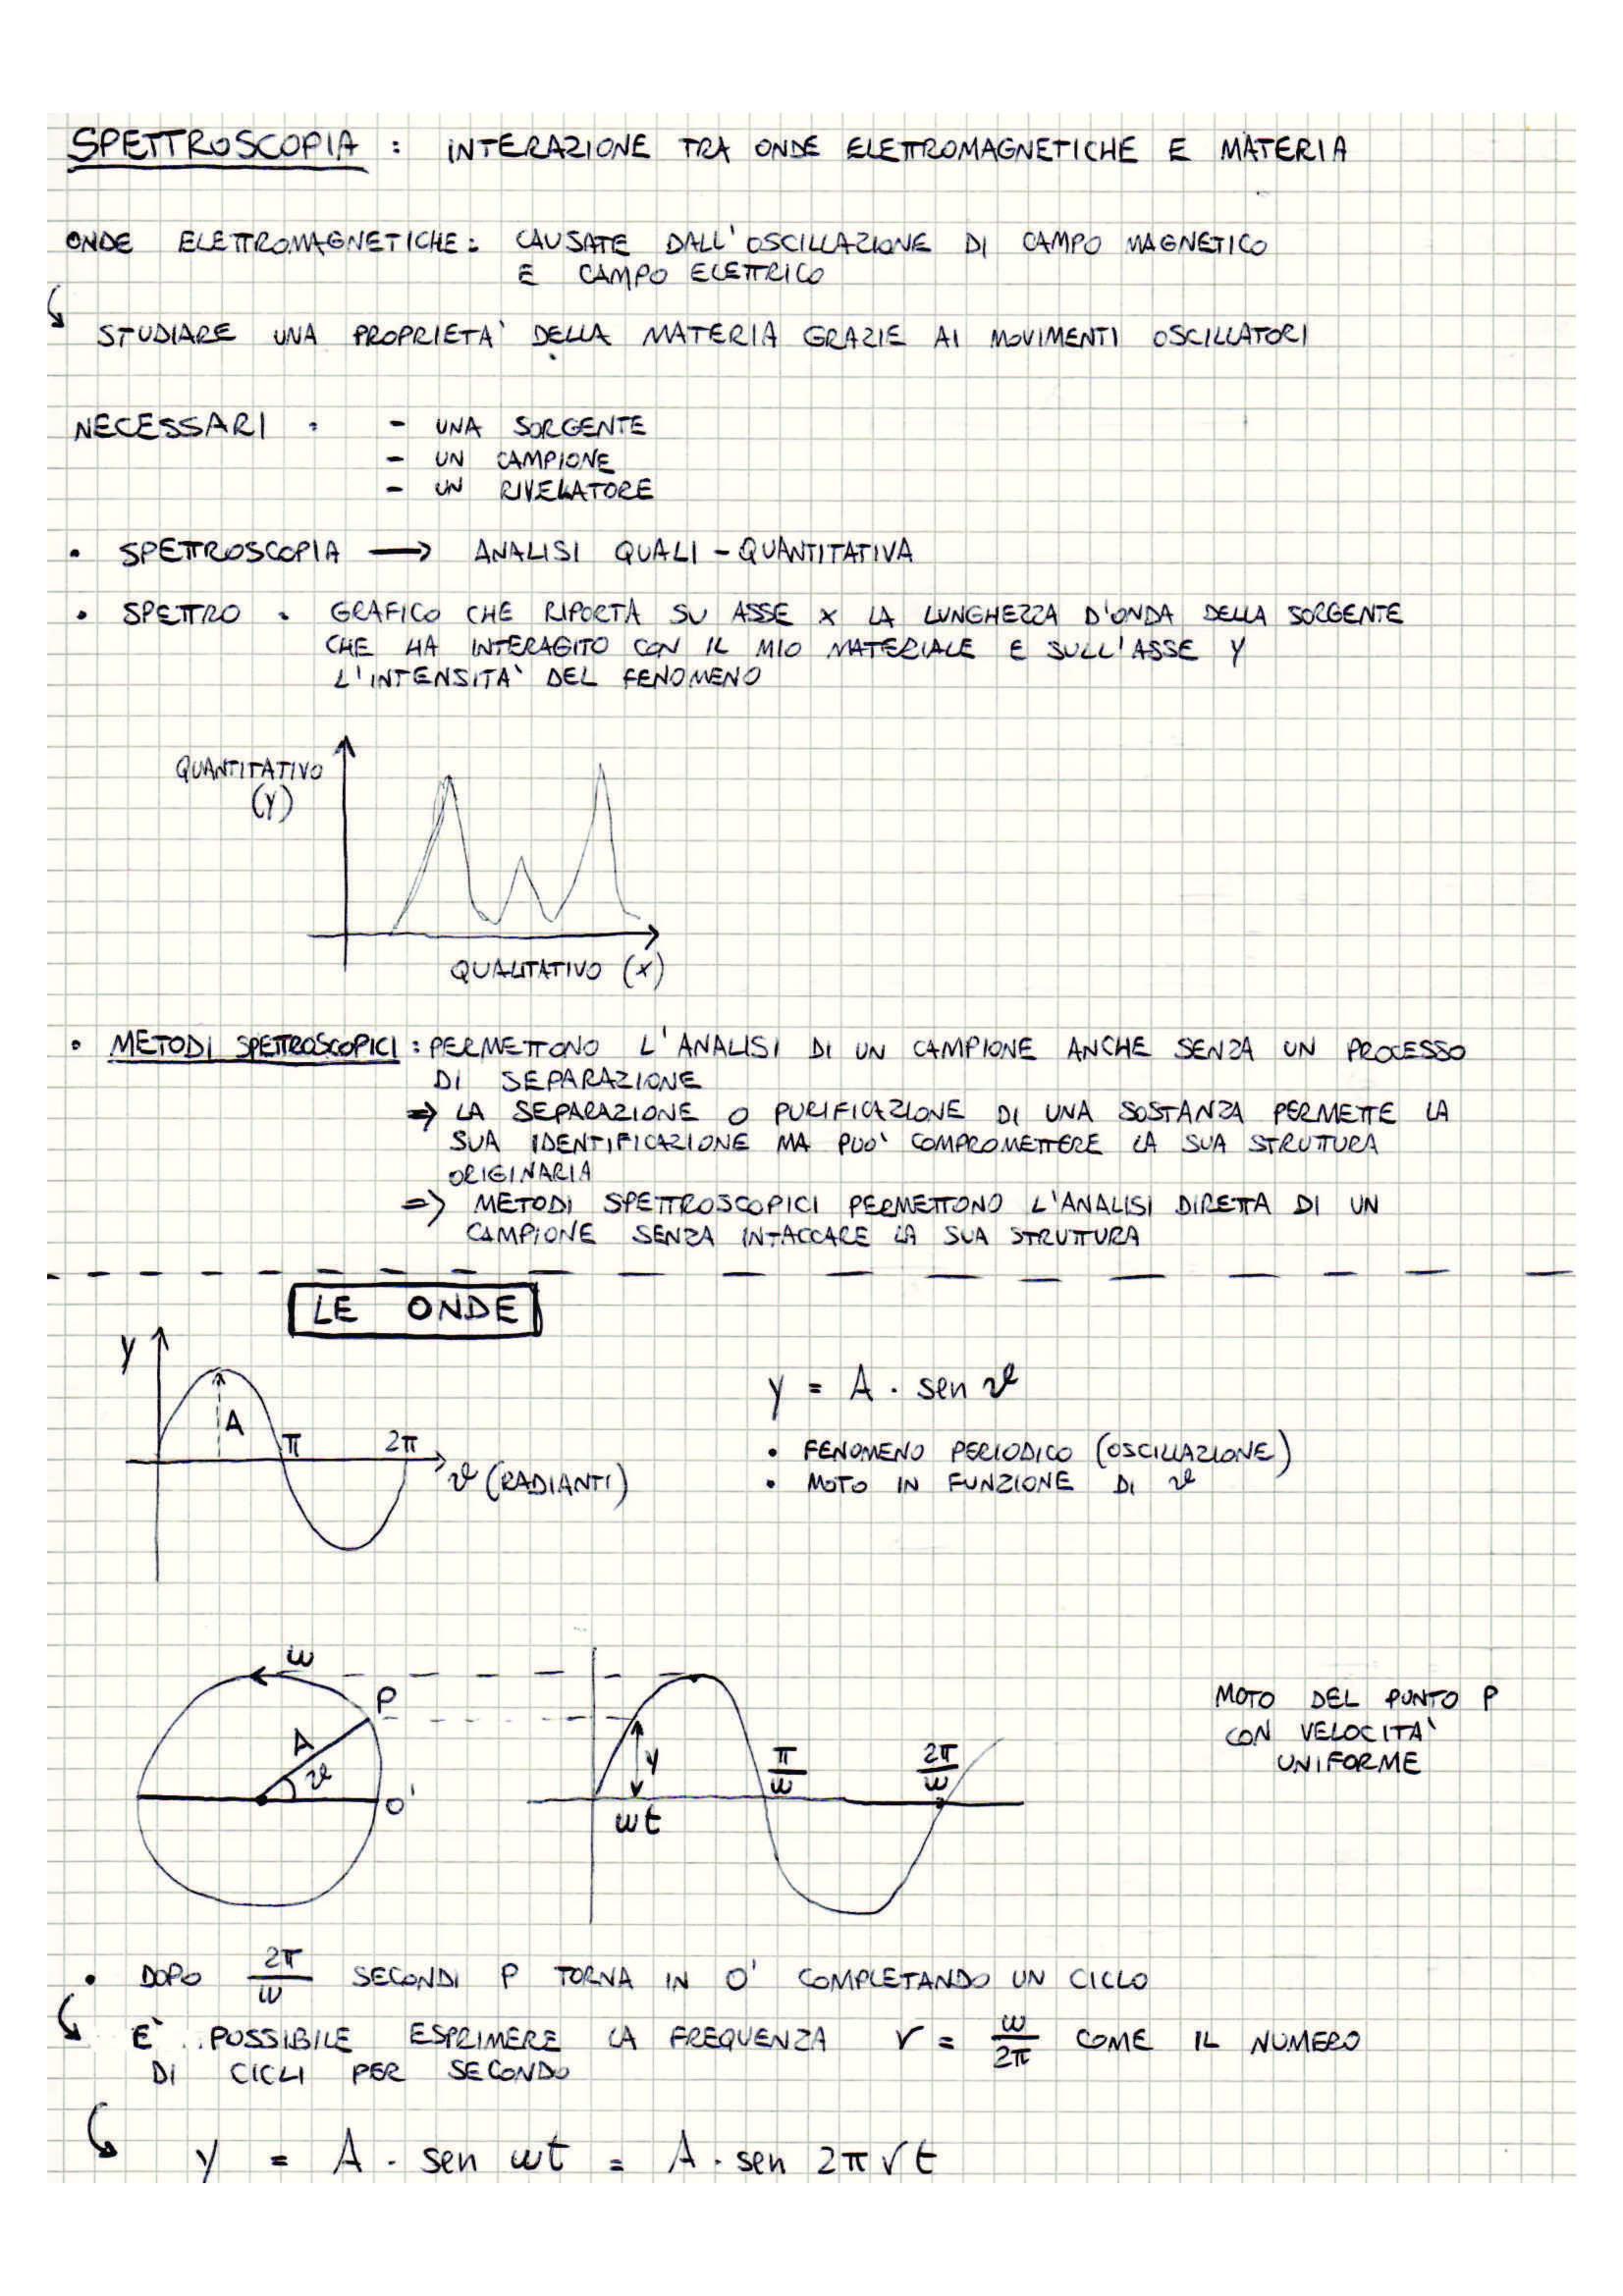 Chimica fisica - spettroscopia